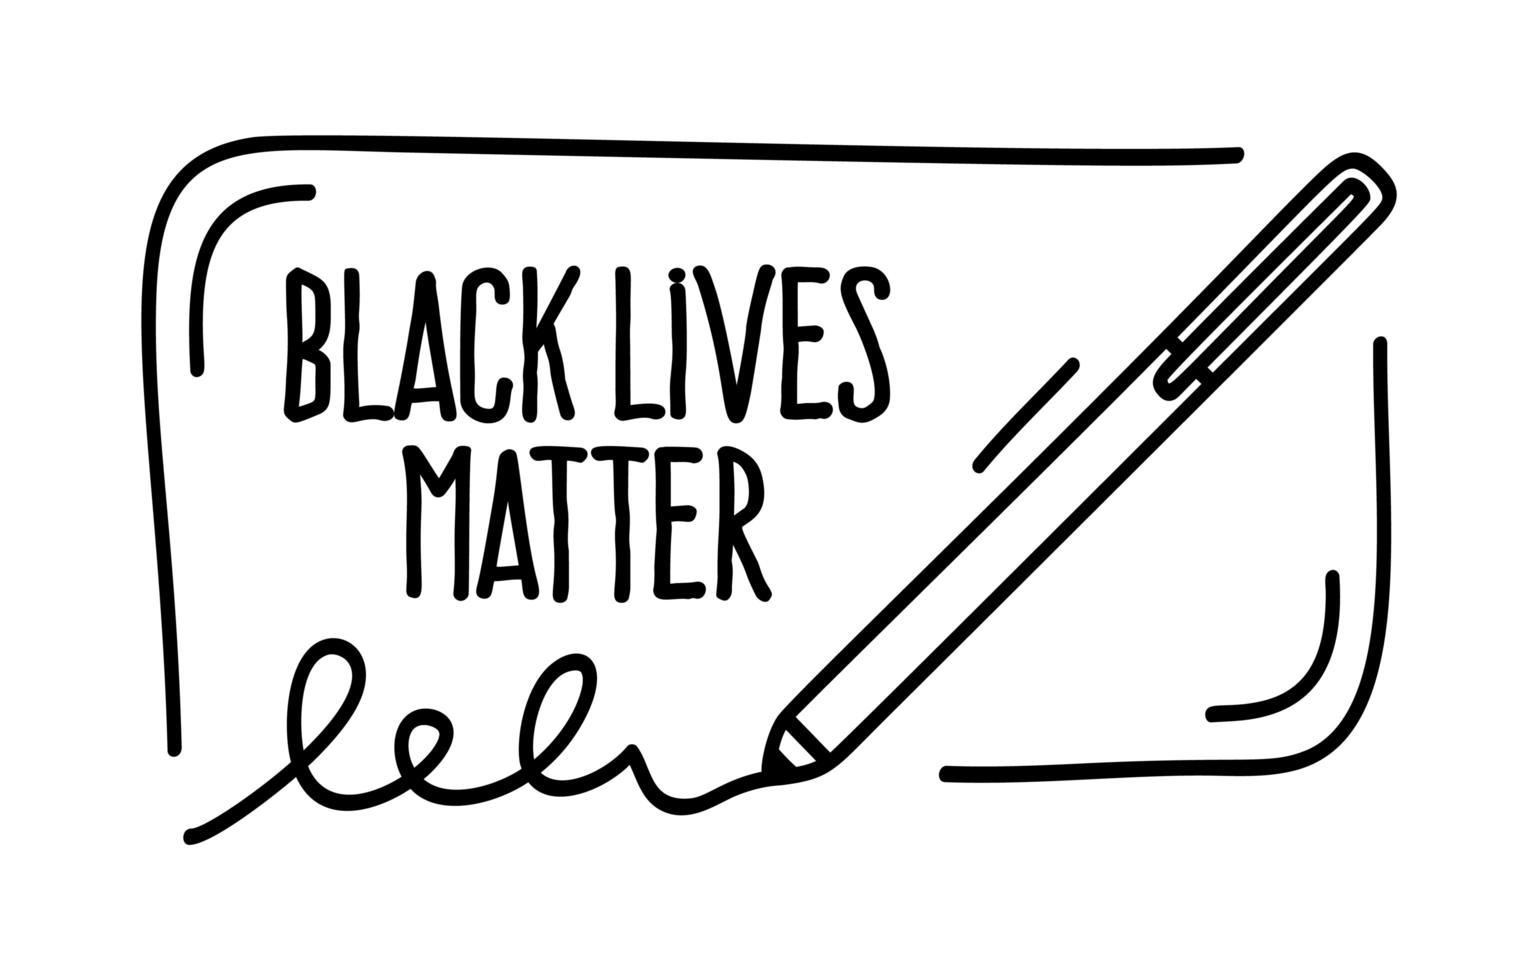 Las vidas de los negros importan pancarta de protesta sobre los derechos humanos de los negros en Estados Unidos. ilustración vectorial. cartel de icono y símbolo. vector